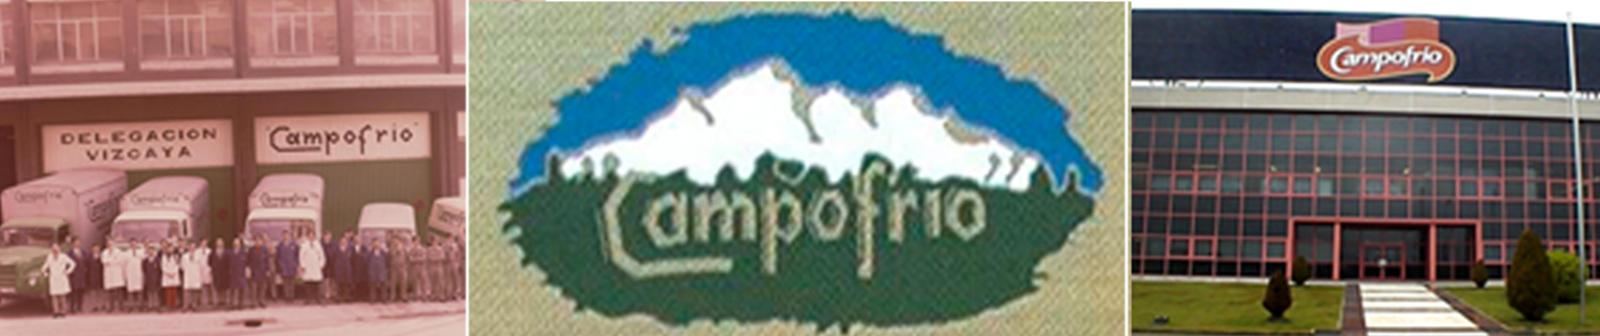 Campofrio_Marke_Bildstreifen